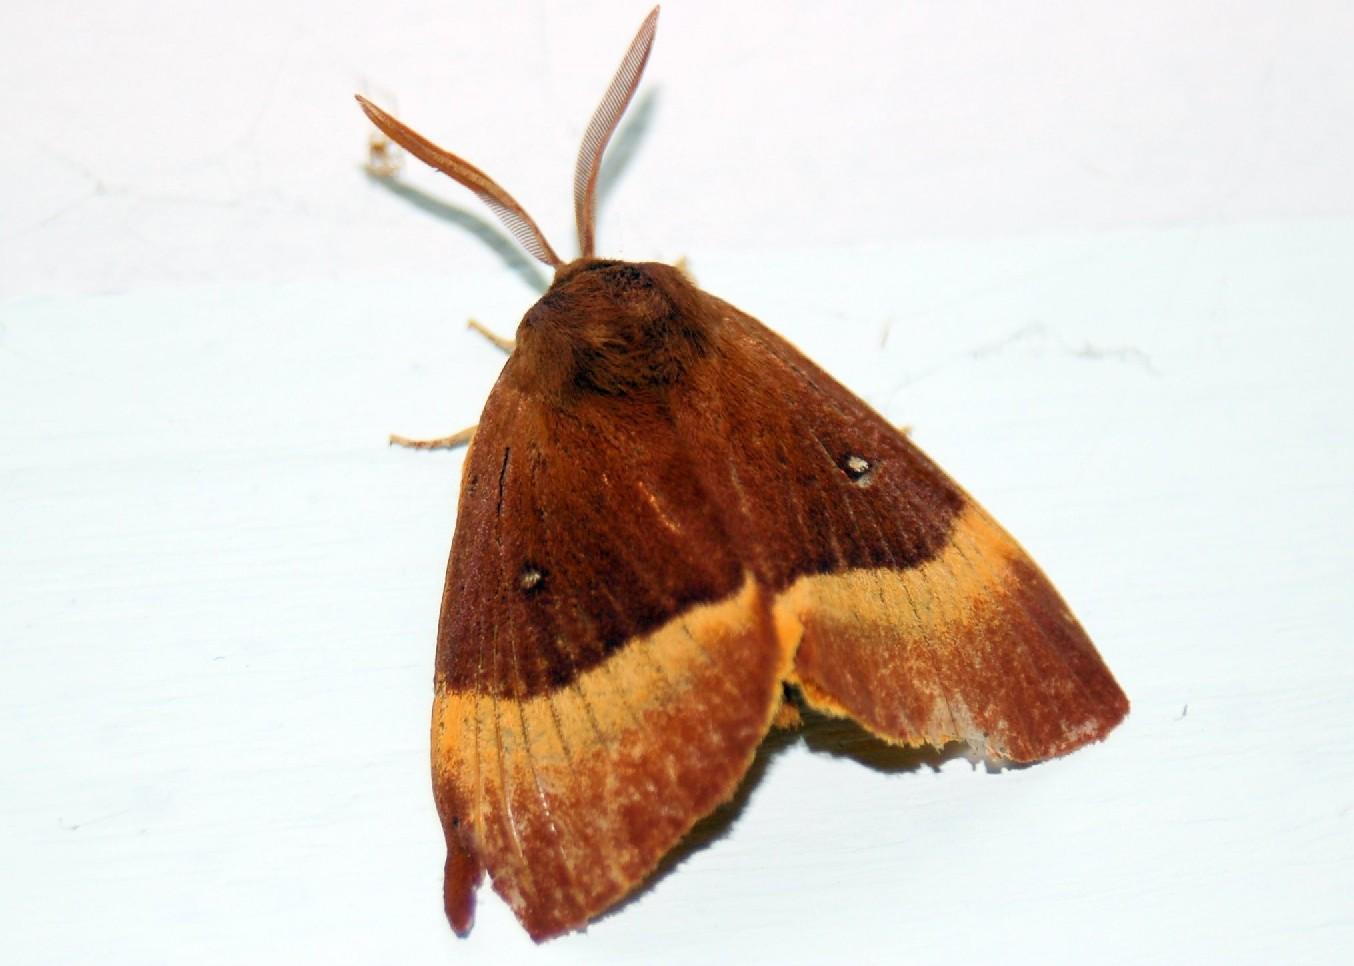 Lasiocampa quercus - Lasiocampidae